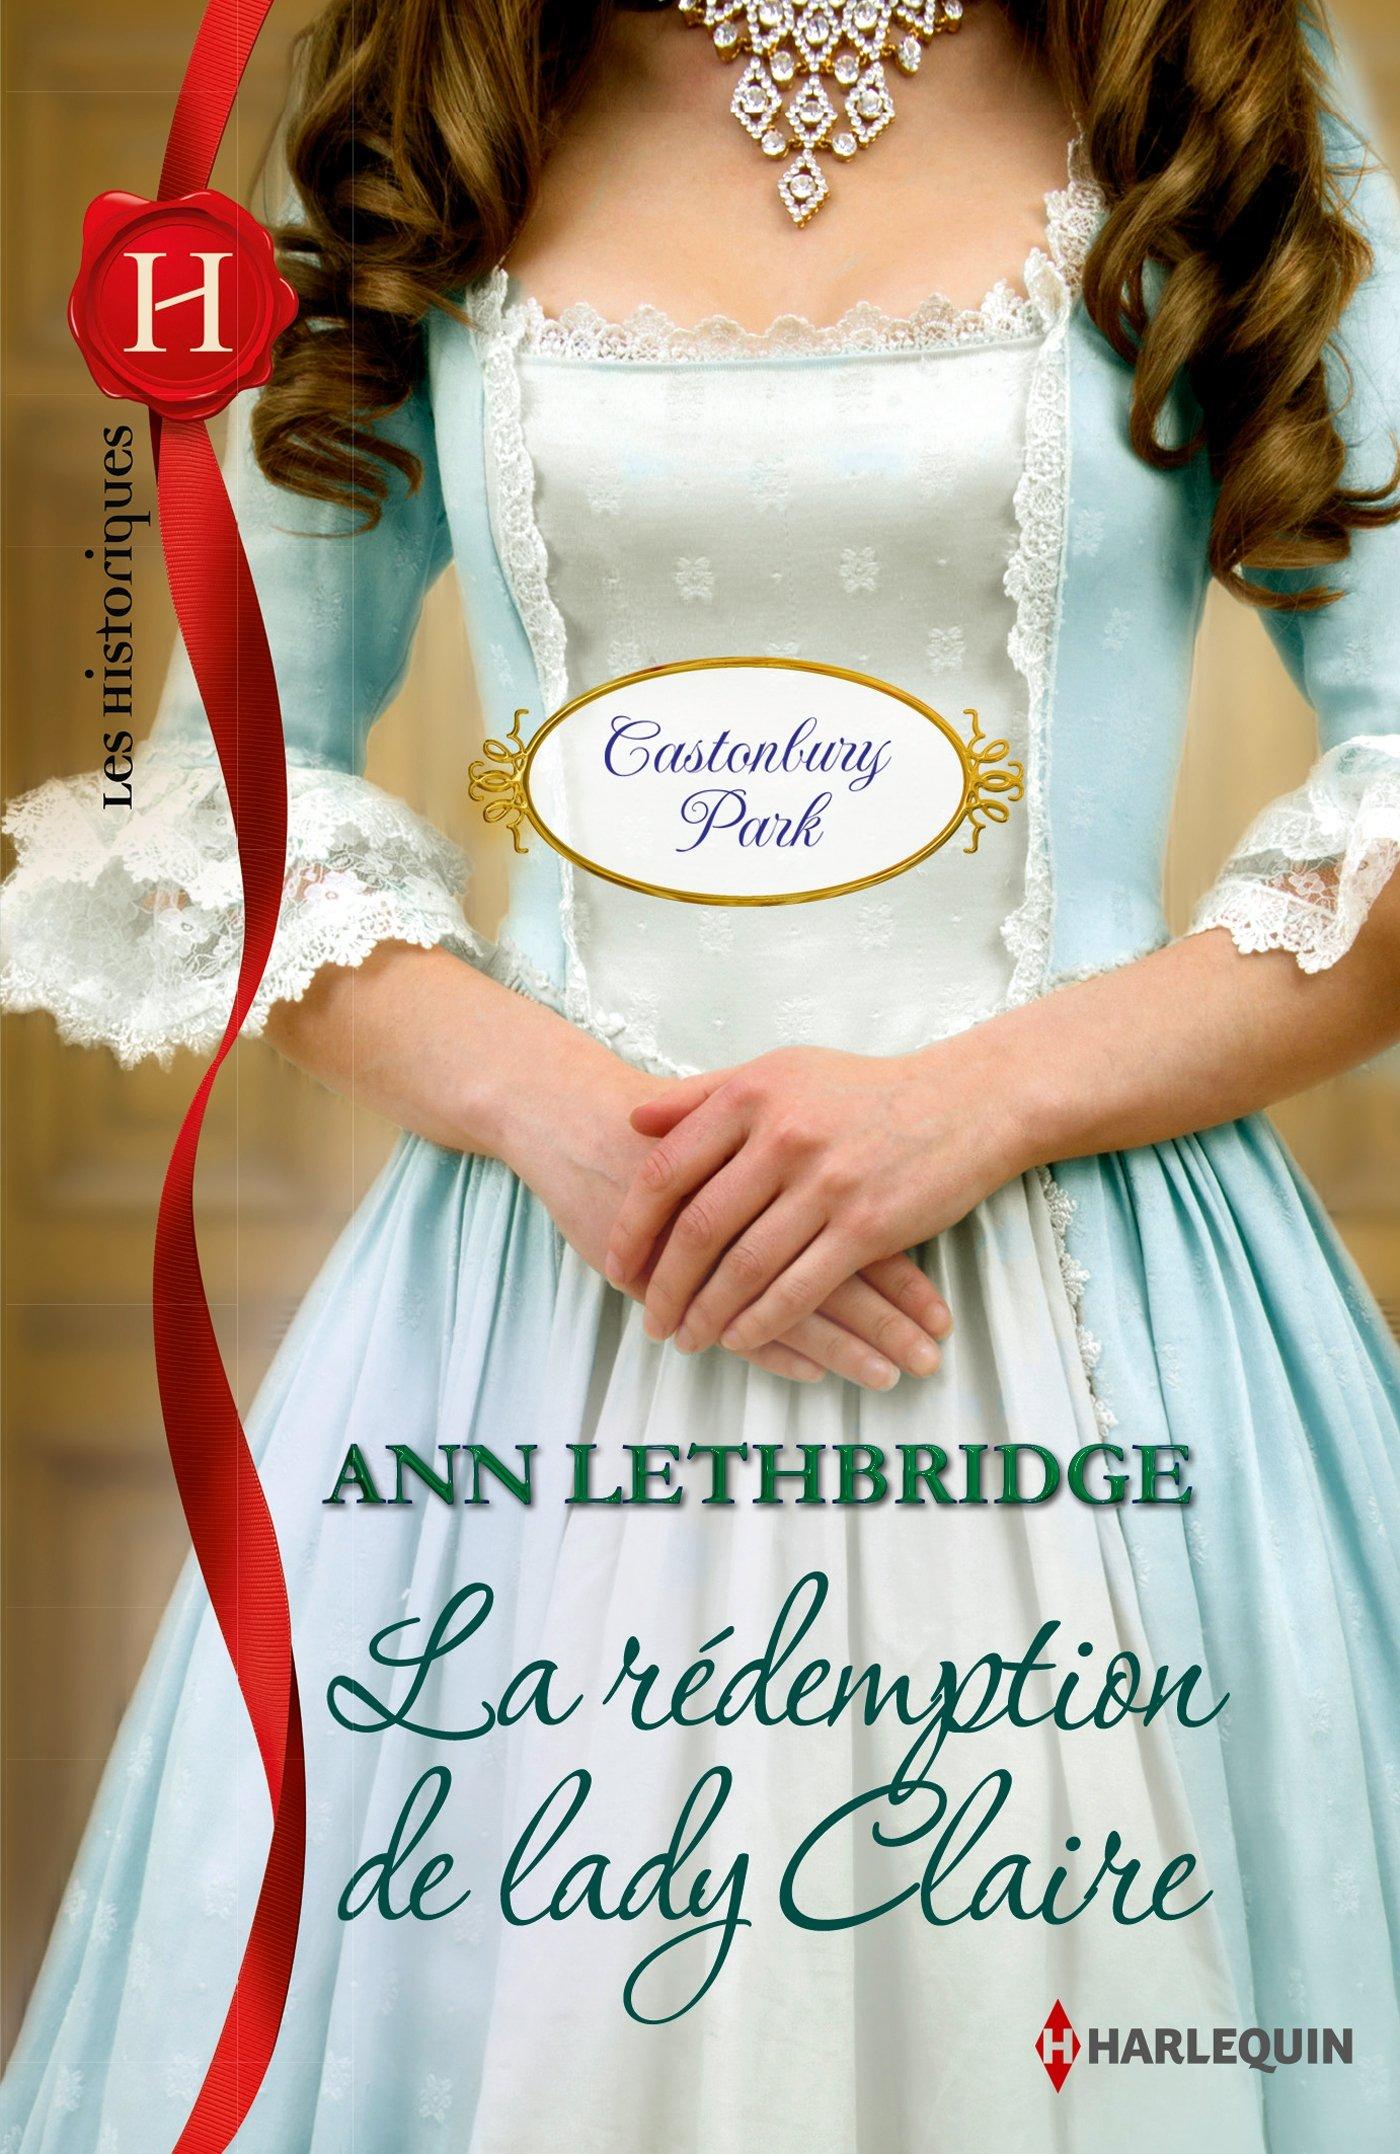 Castonbury Park - Tome 4 : La rédemption de lady Claire d'Ann Lethbridge 81I%2BmpXSSZL